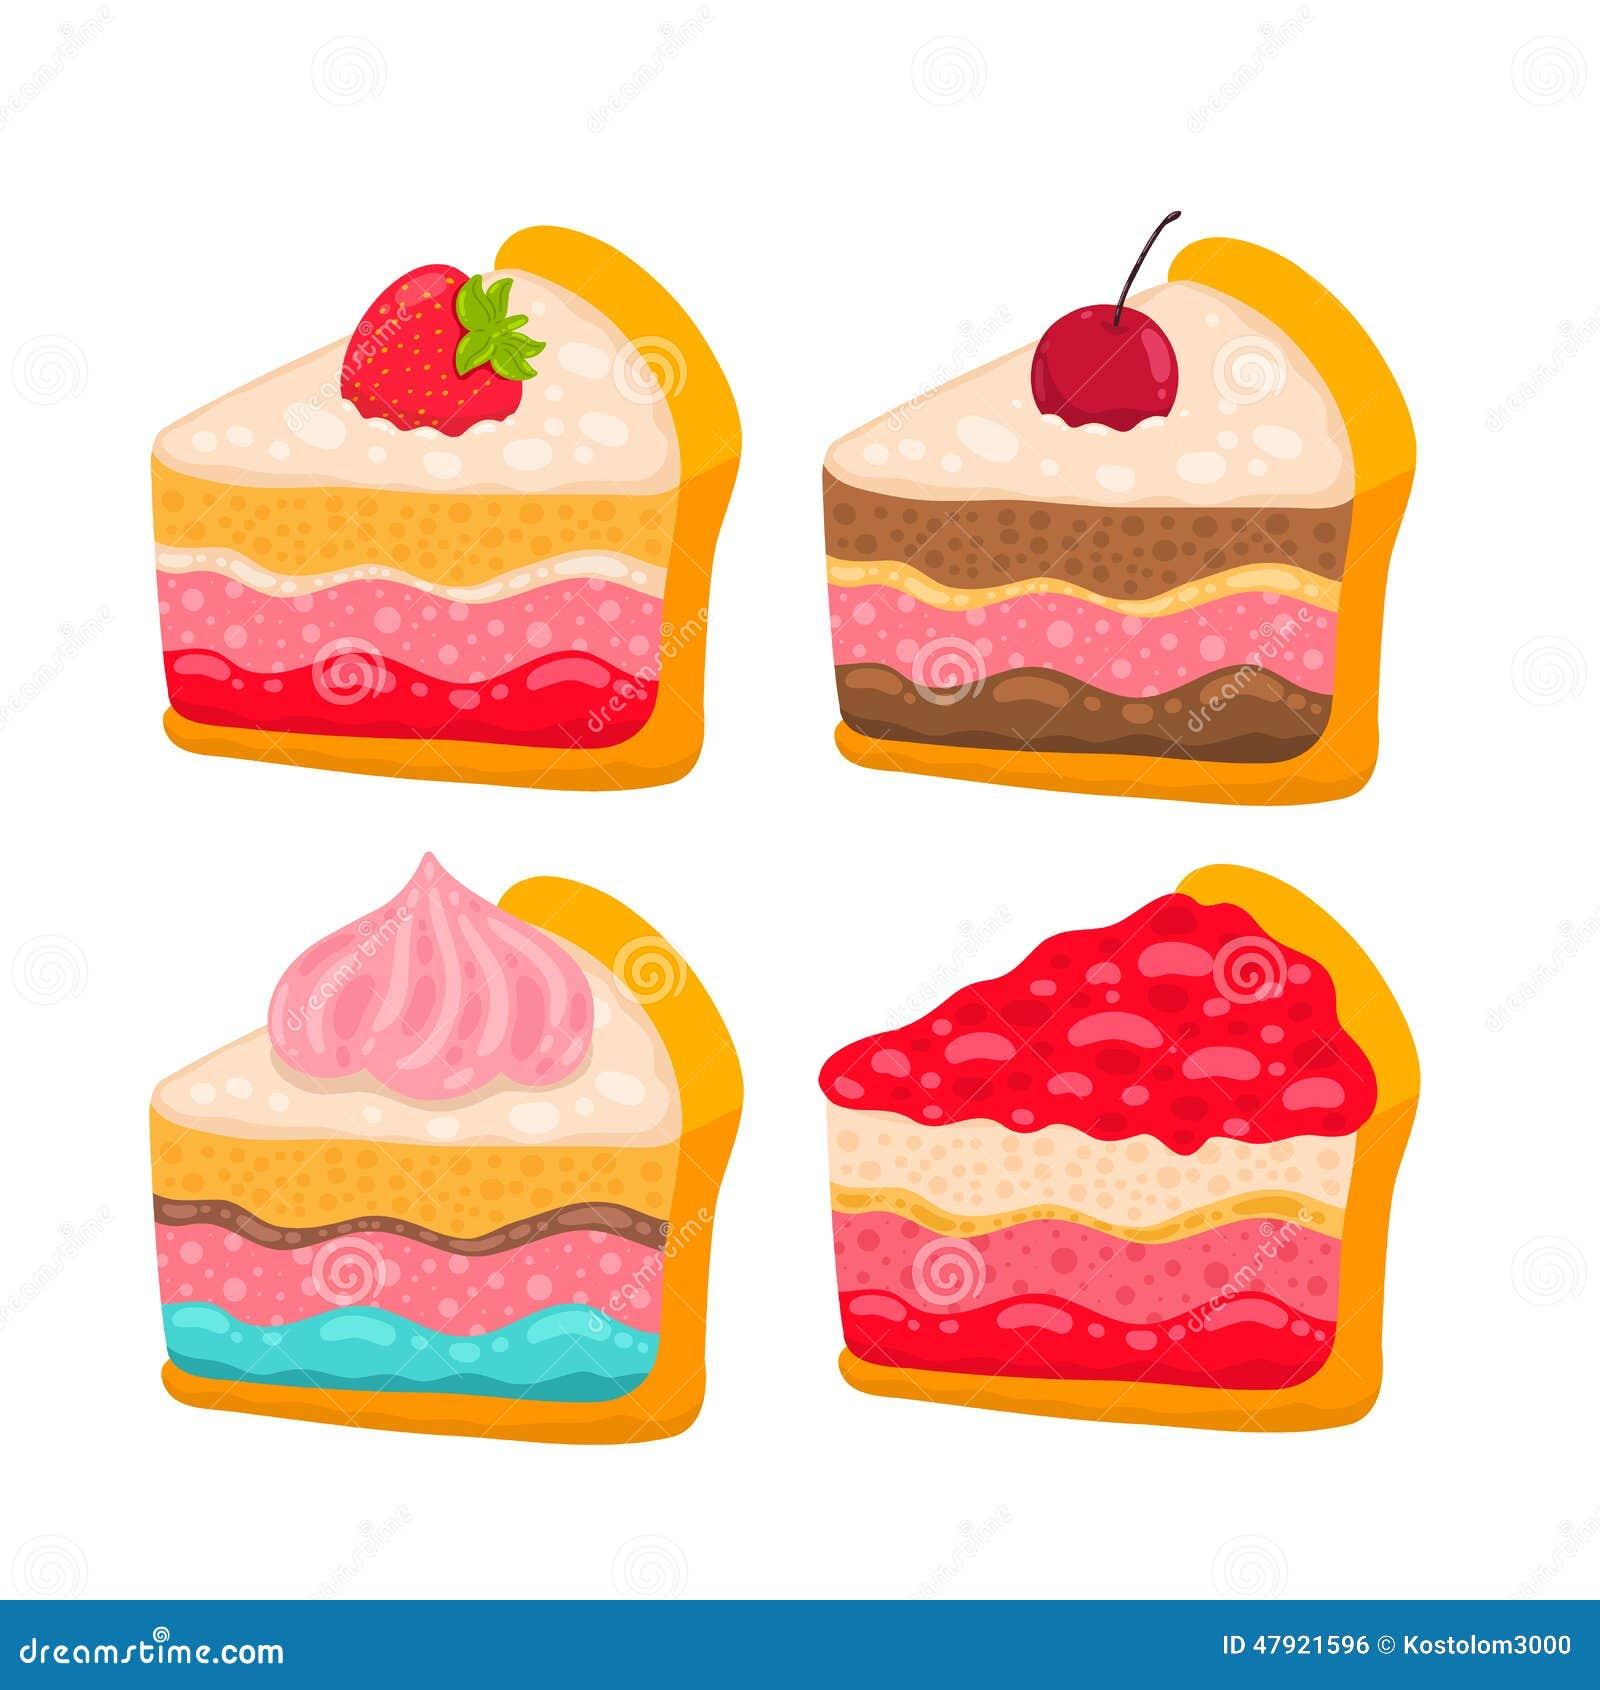 Cute Cake Drawings